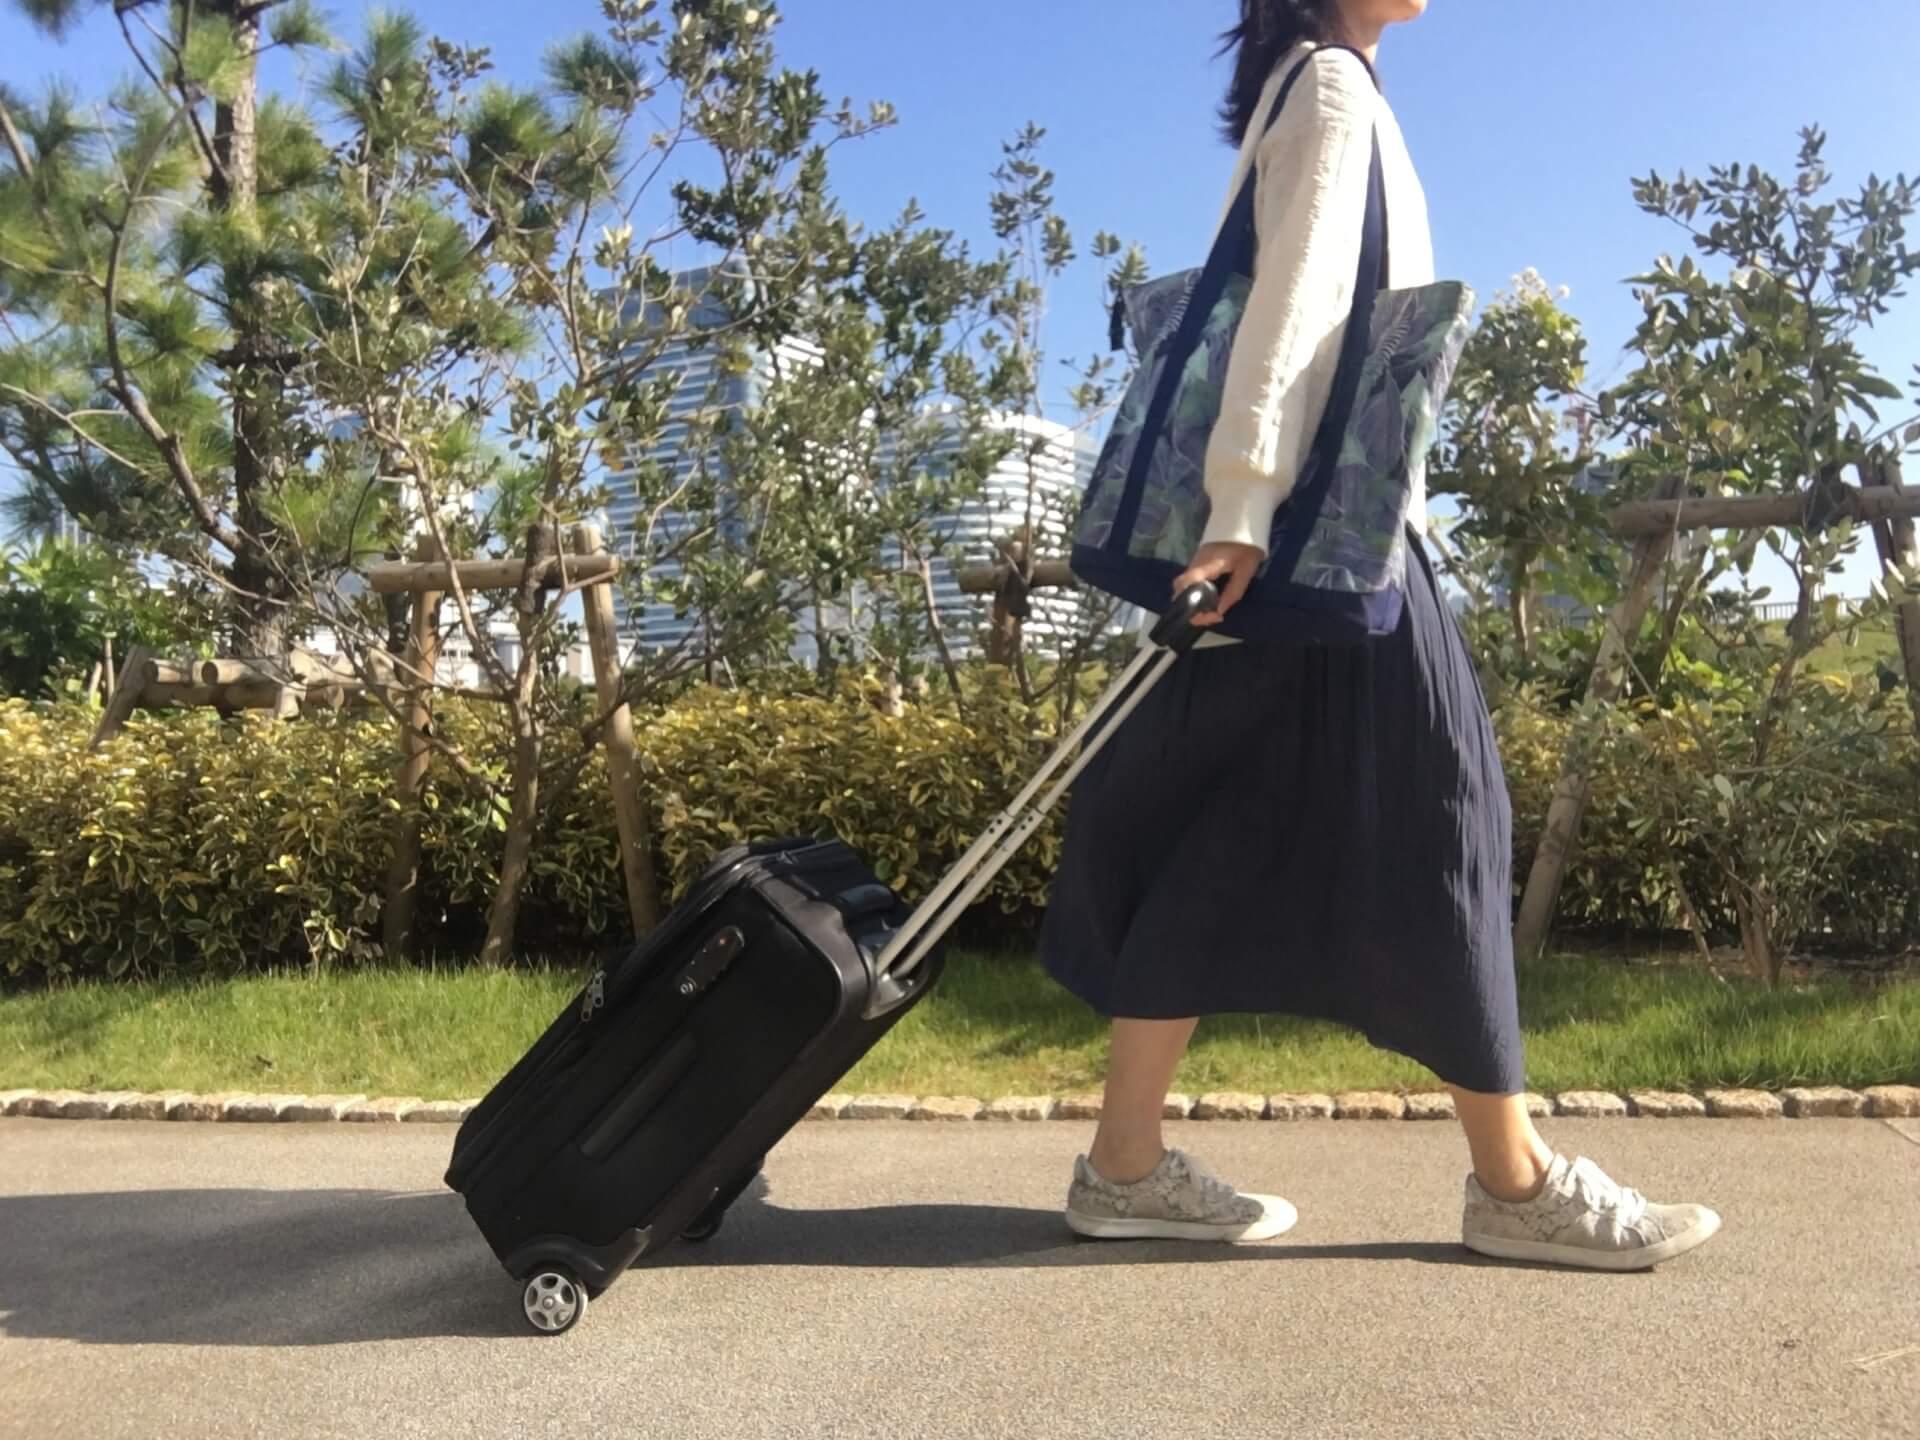 黒いスーツケースを引いて歩くロングスカートを履いた女性